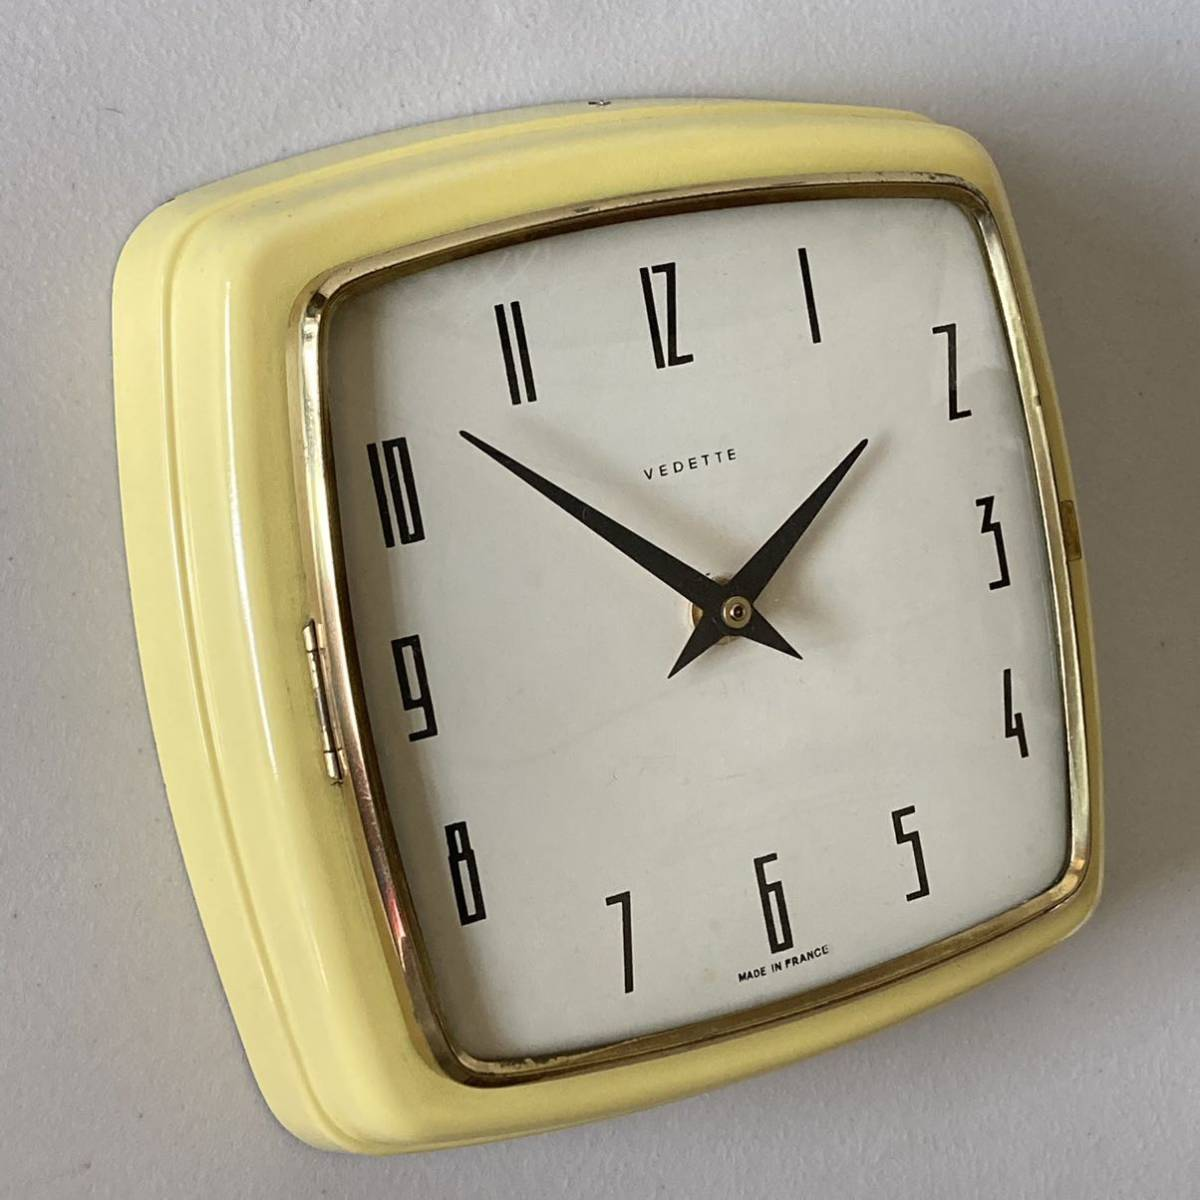 フランス ヴィンテージ ウォールクロック ミッドセンチュリー インテリア ディスプレイ 店舗什器 掛け時計 デザイン_画像2